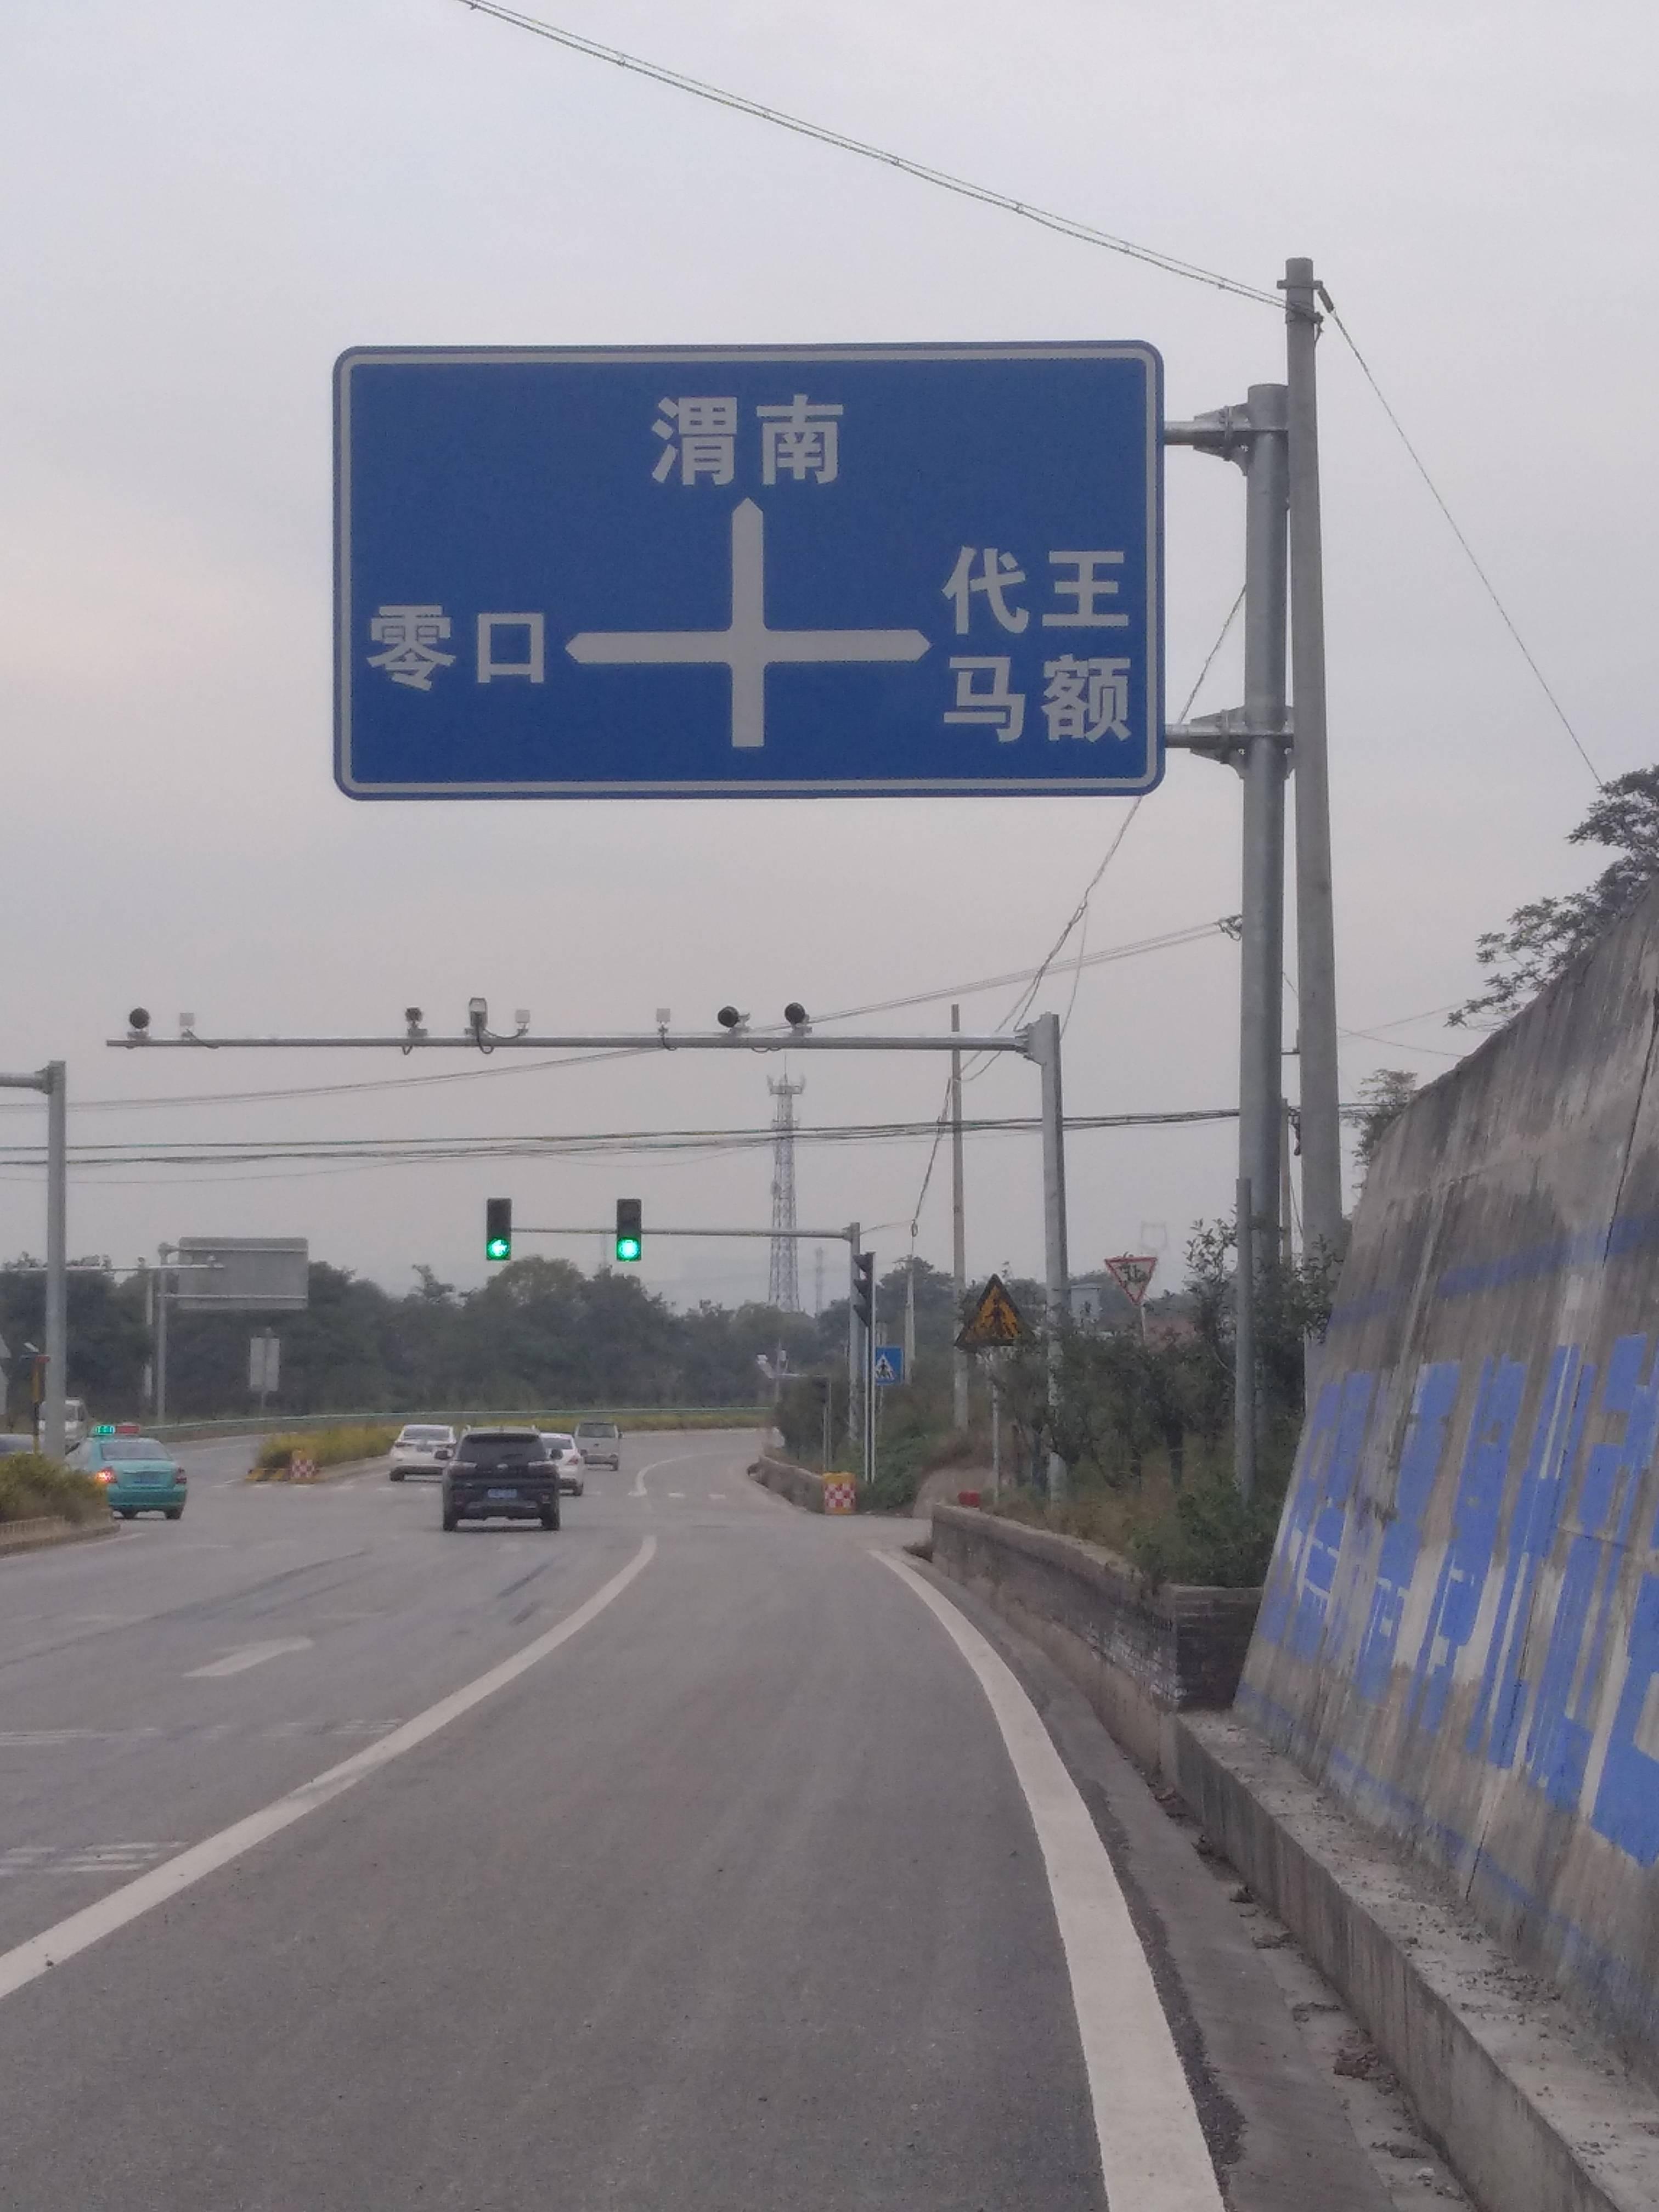 原来代王竟然是陕西的地名,而且跟扁鹊有关系。